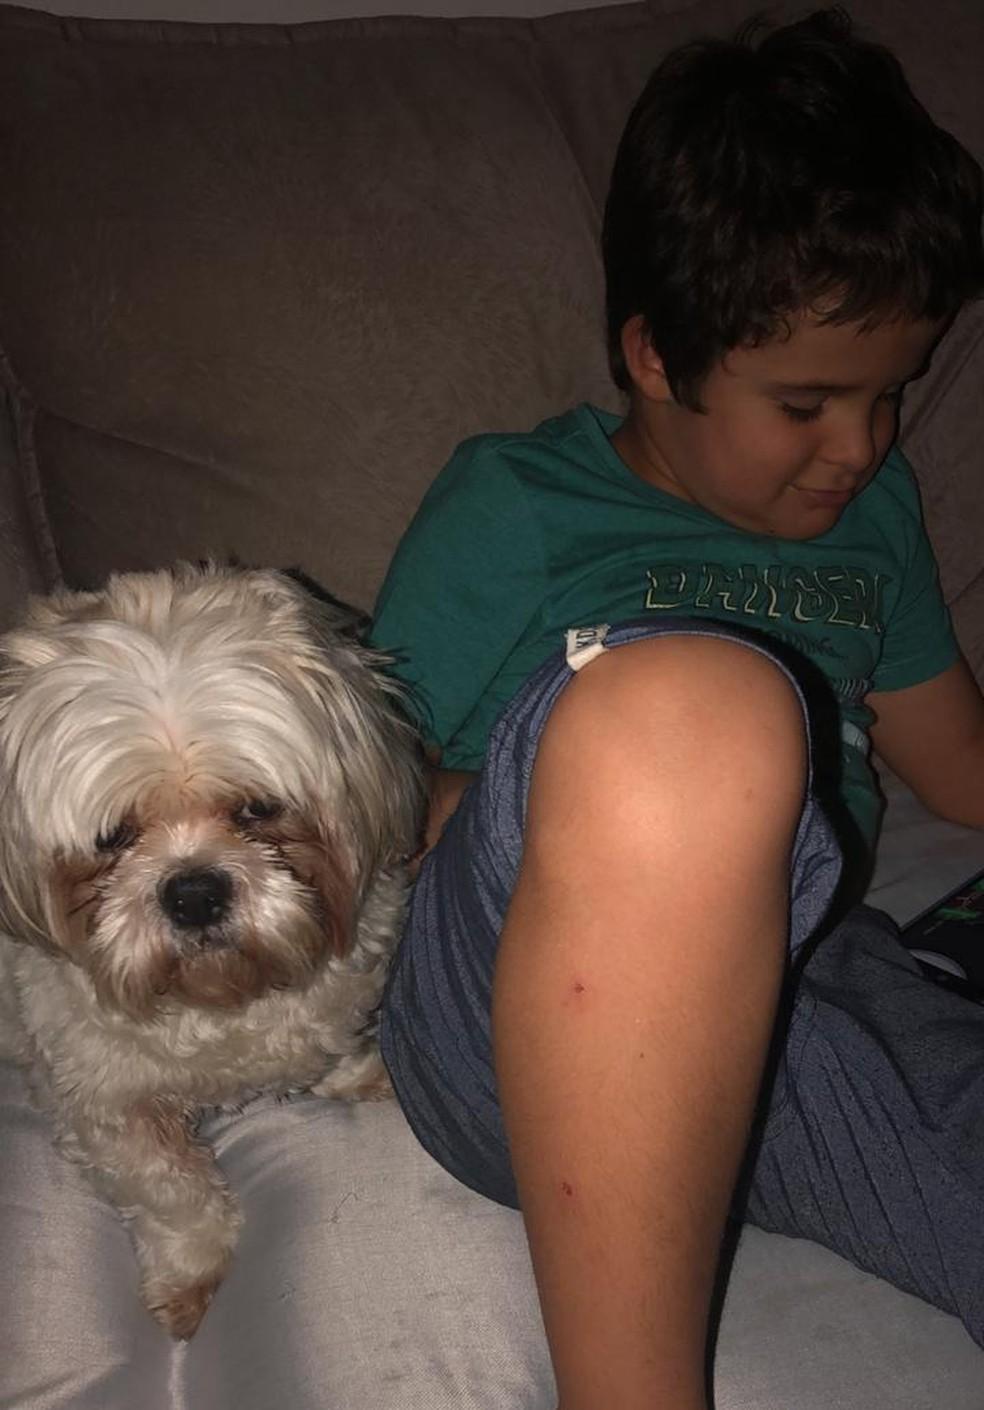 Mãe relata que cachorro é muito importante para filho, que tem autismo nível 3. Foto mostra cão e menino após reencontro.  — Foto: Arquivo pessoal